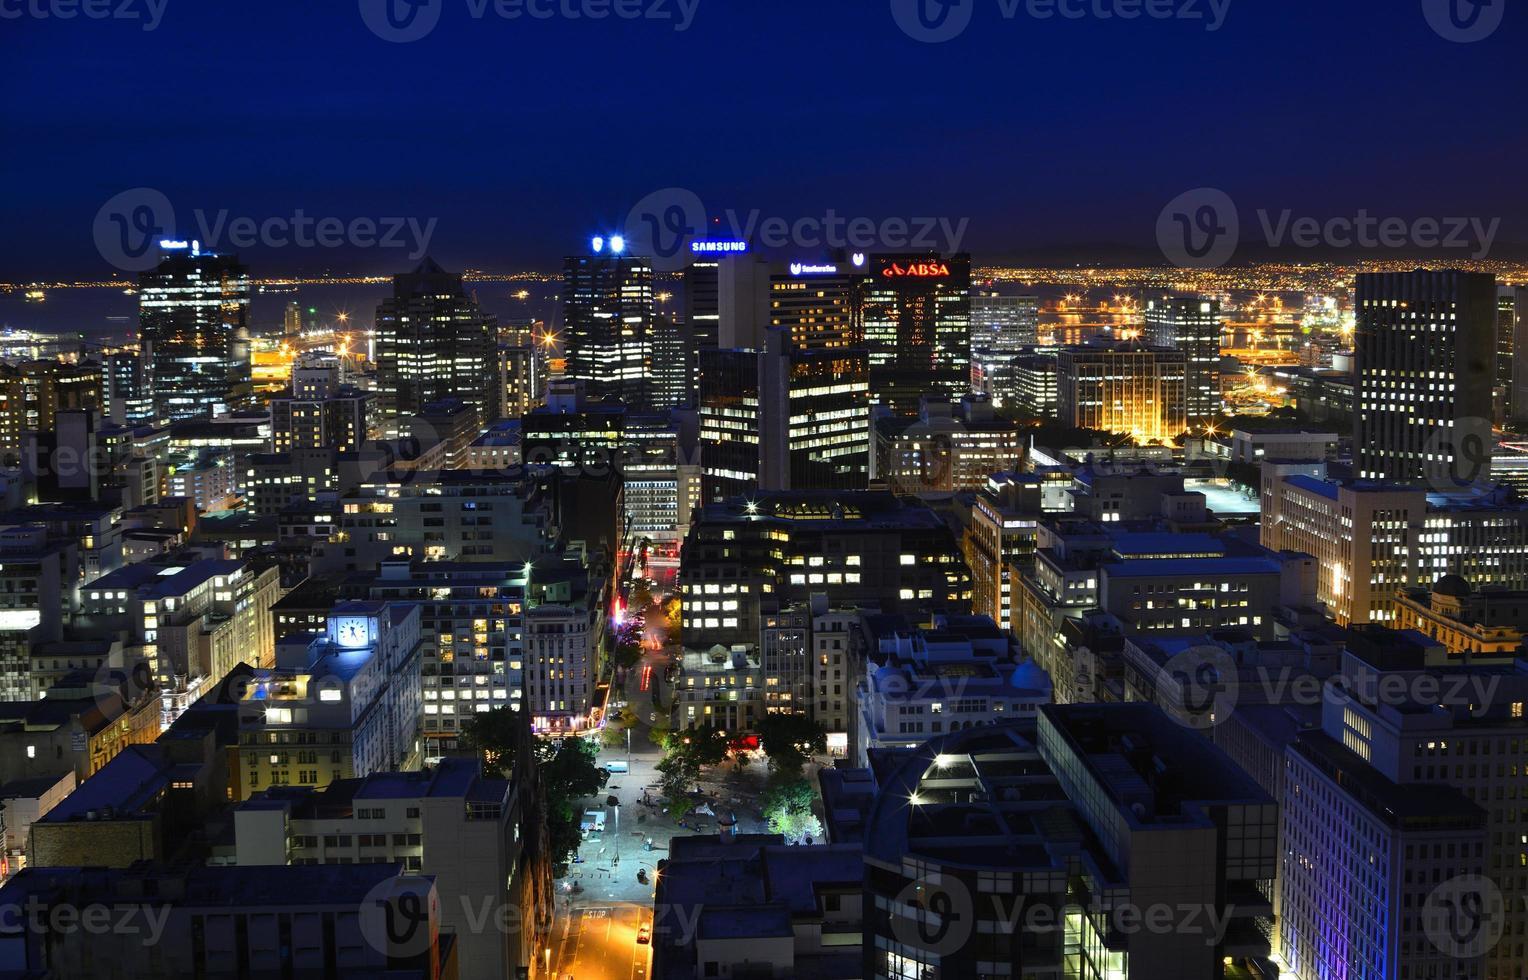 vista notturna del quartiere centrale degli affari di cape town foto